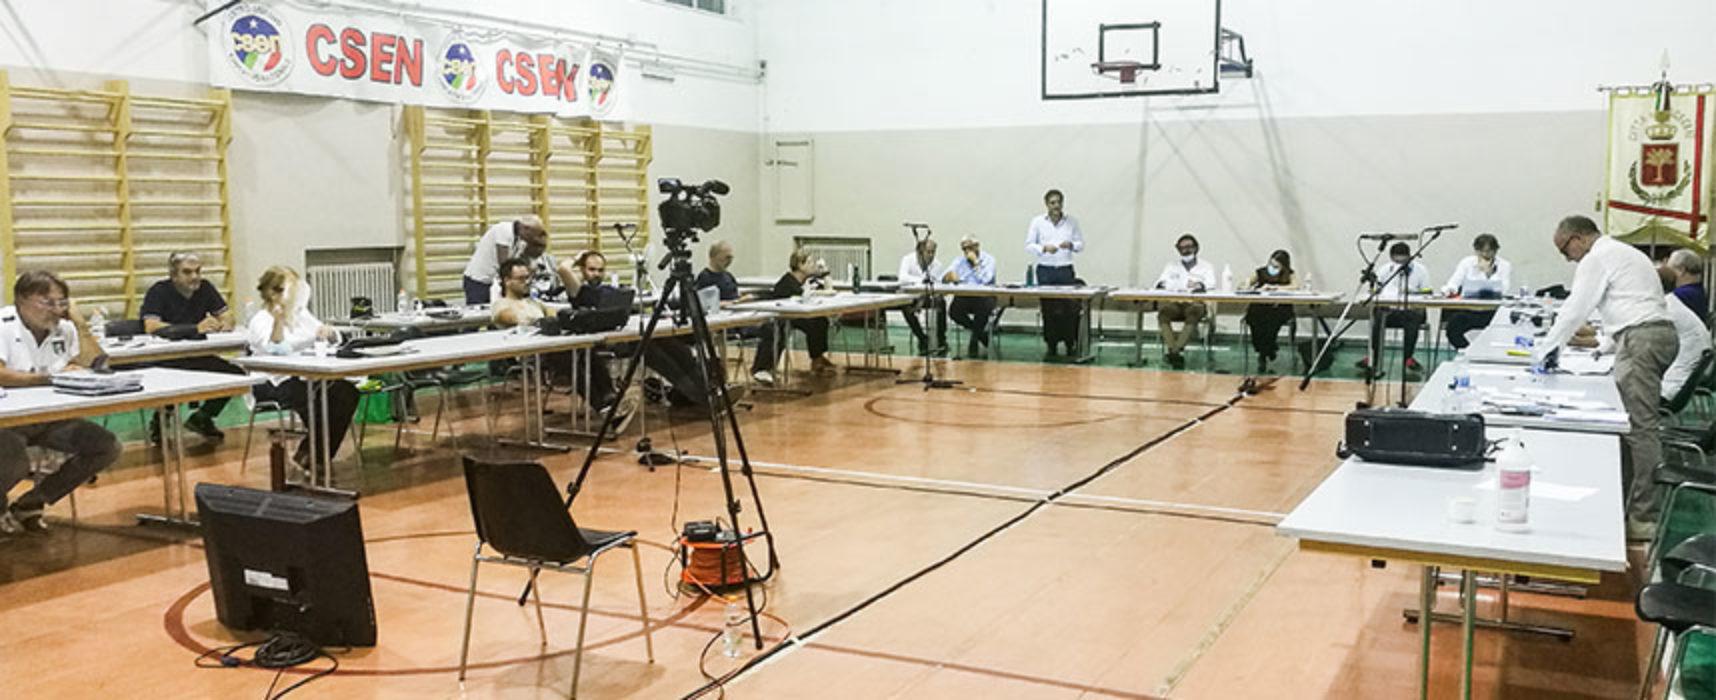 Convocato consiglio comunale, tariffe Tari e Piano Urbanistico Esecutivo tra i punti